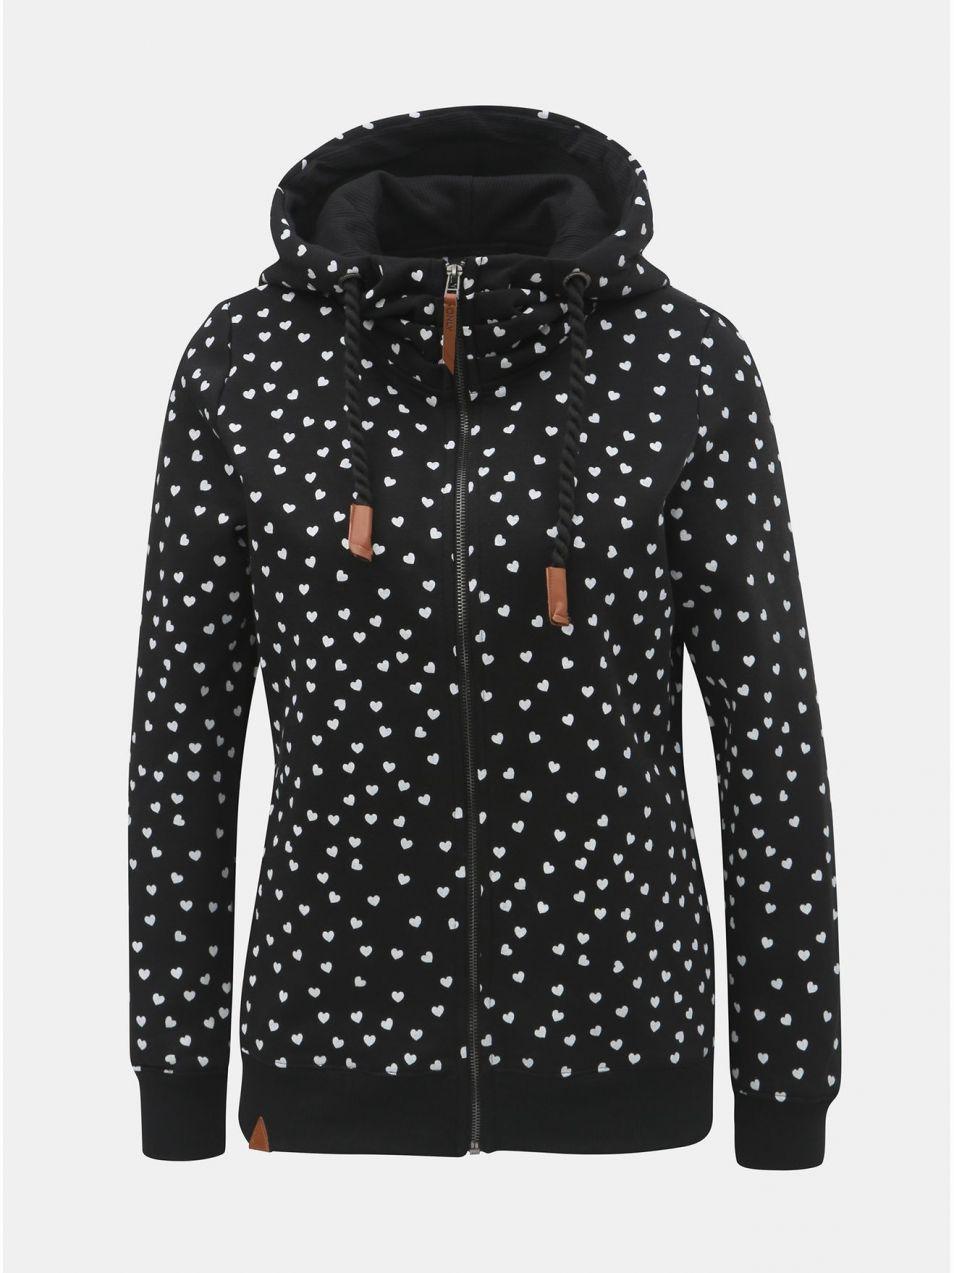 Čierna vzorovaná mikina s kapucňou ONLY Signe značky ONLY - Lovely.sk 7afb50cfe88